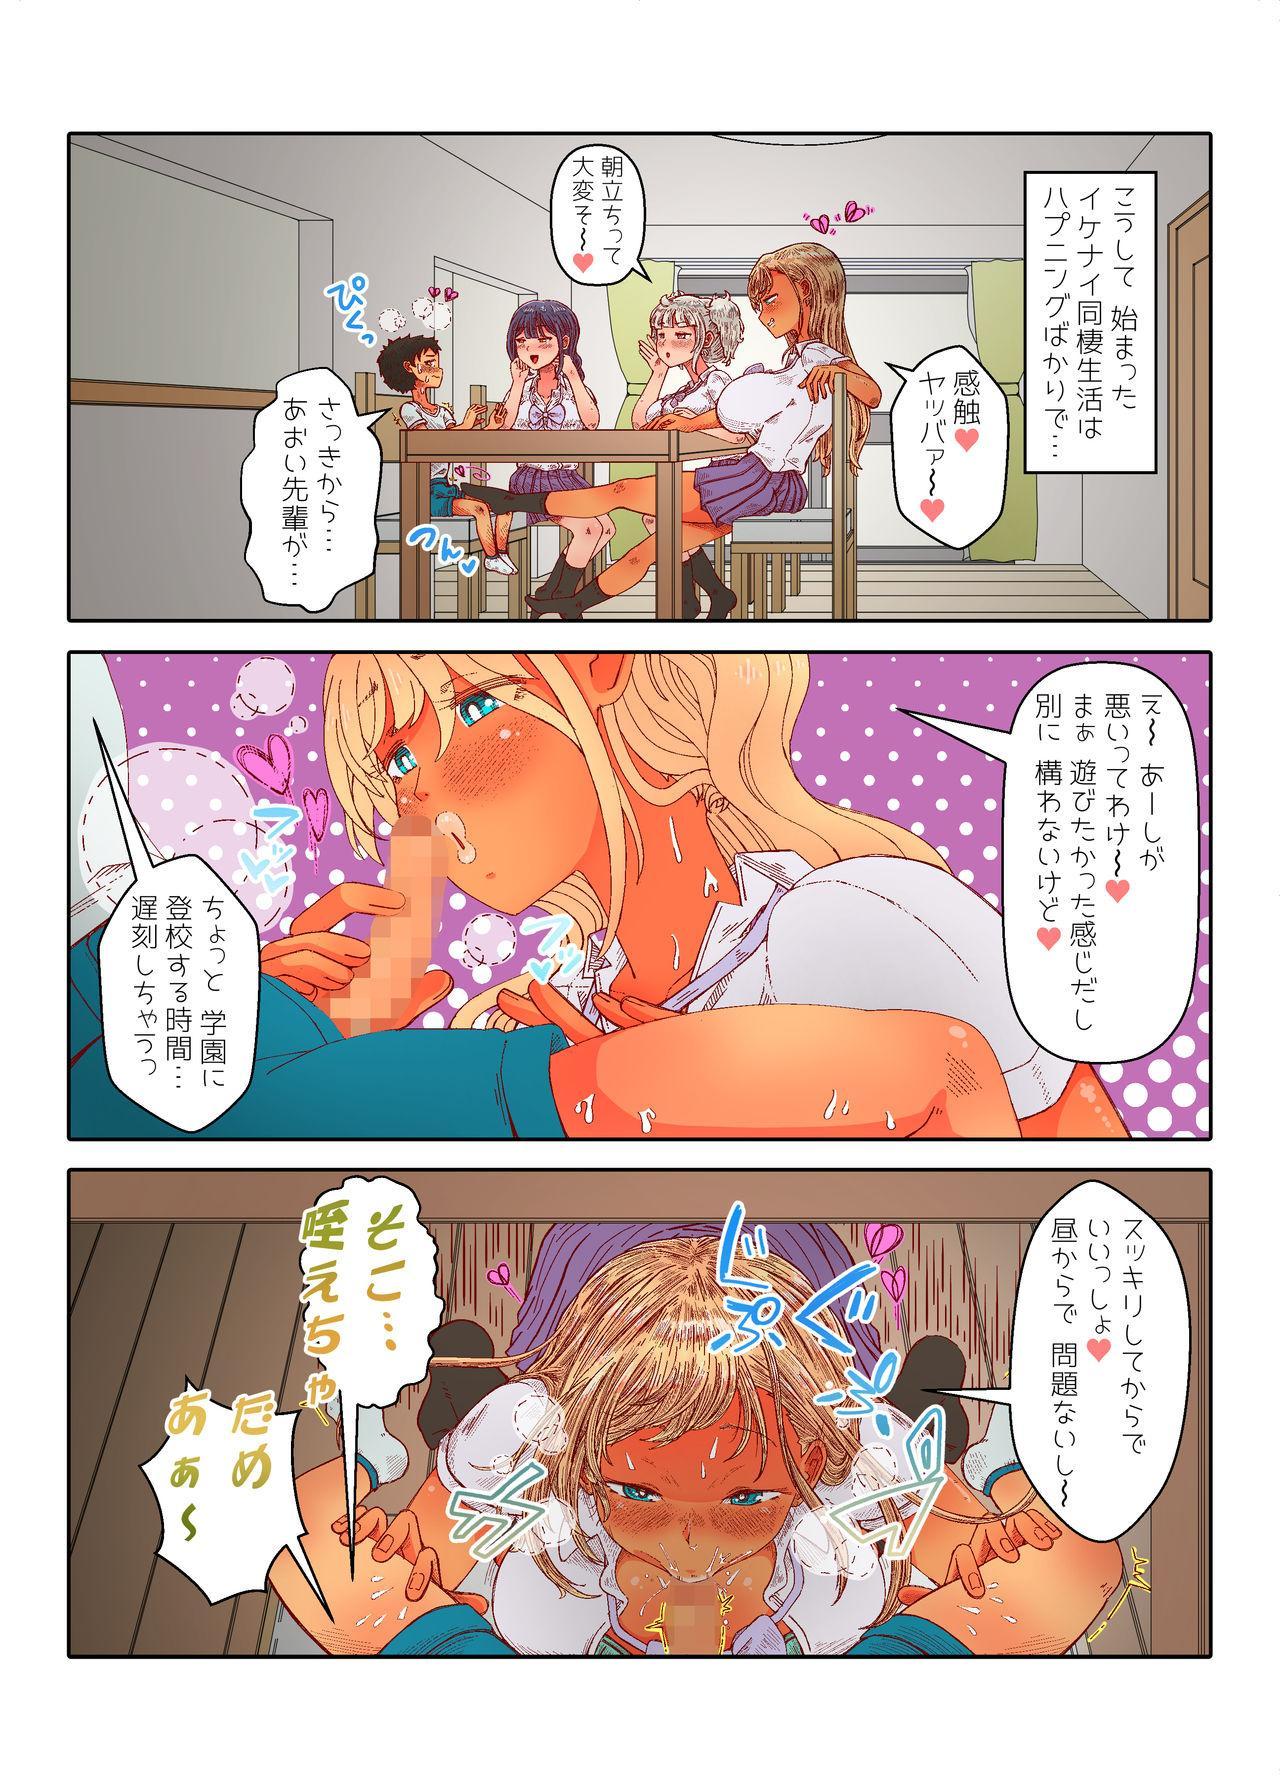 [Bouten Musubi (Bouten Musubi)] Onee-san-tachi ni Chuudashi Shichatta! Dousukebe Hazukashime Harem Dousei Seikatsu [Digital] 4